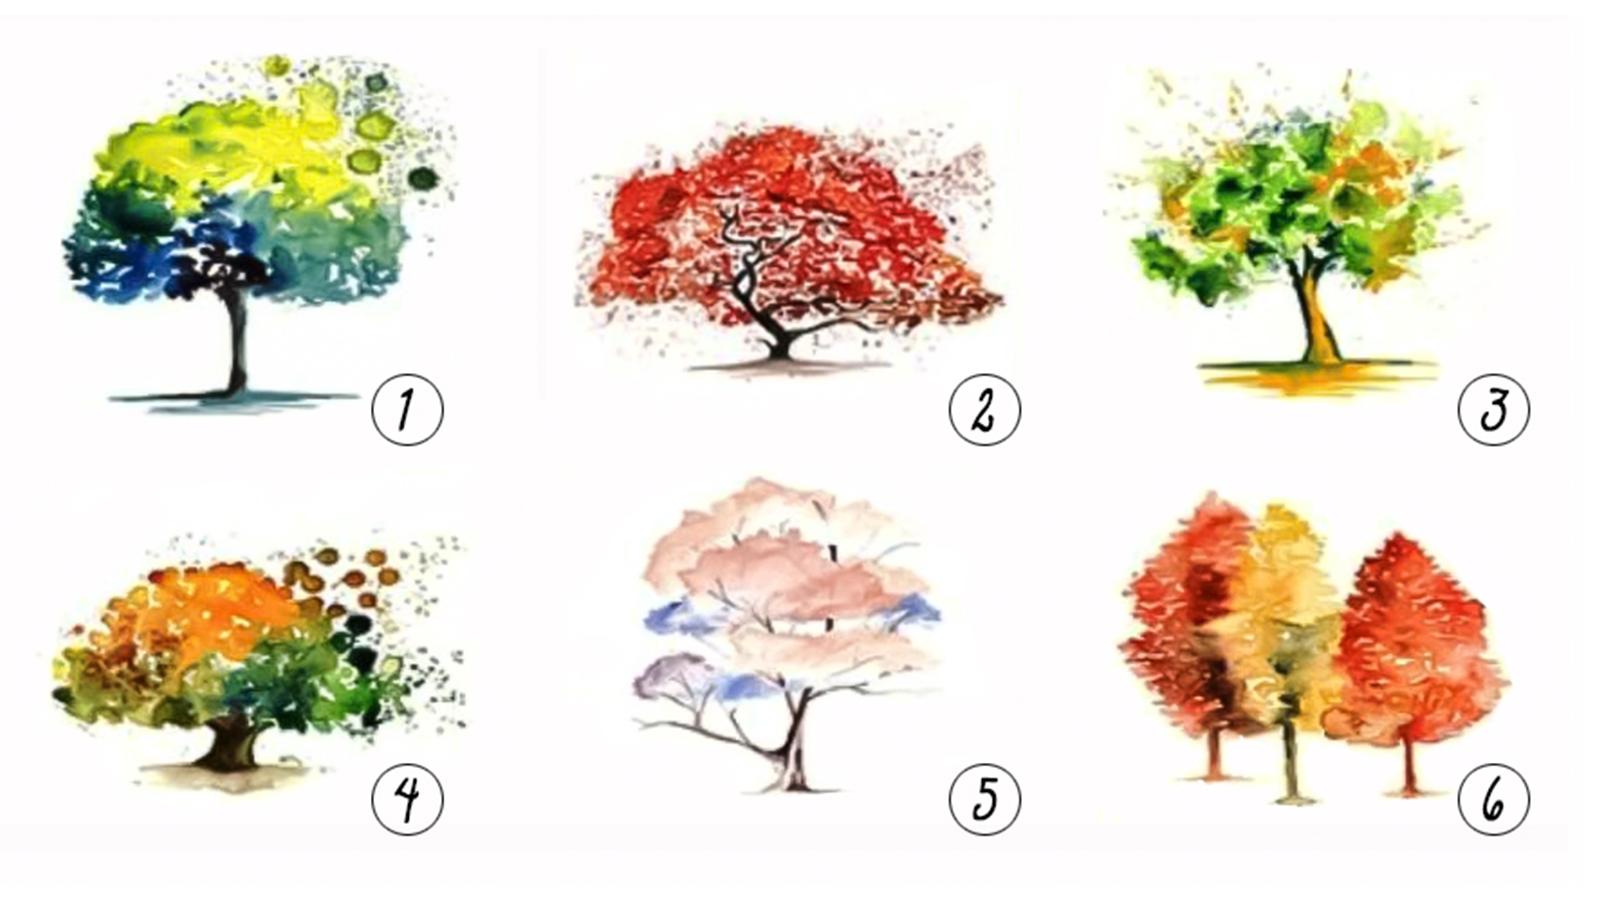 trắc nghiệm hình ảnh cây cối